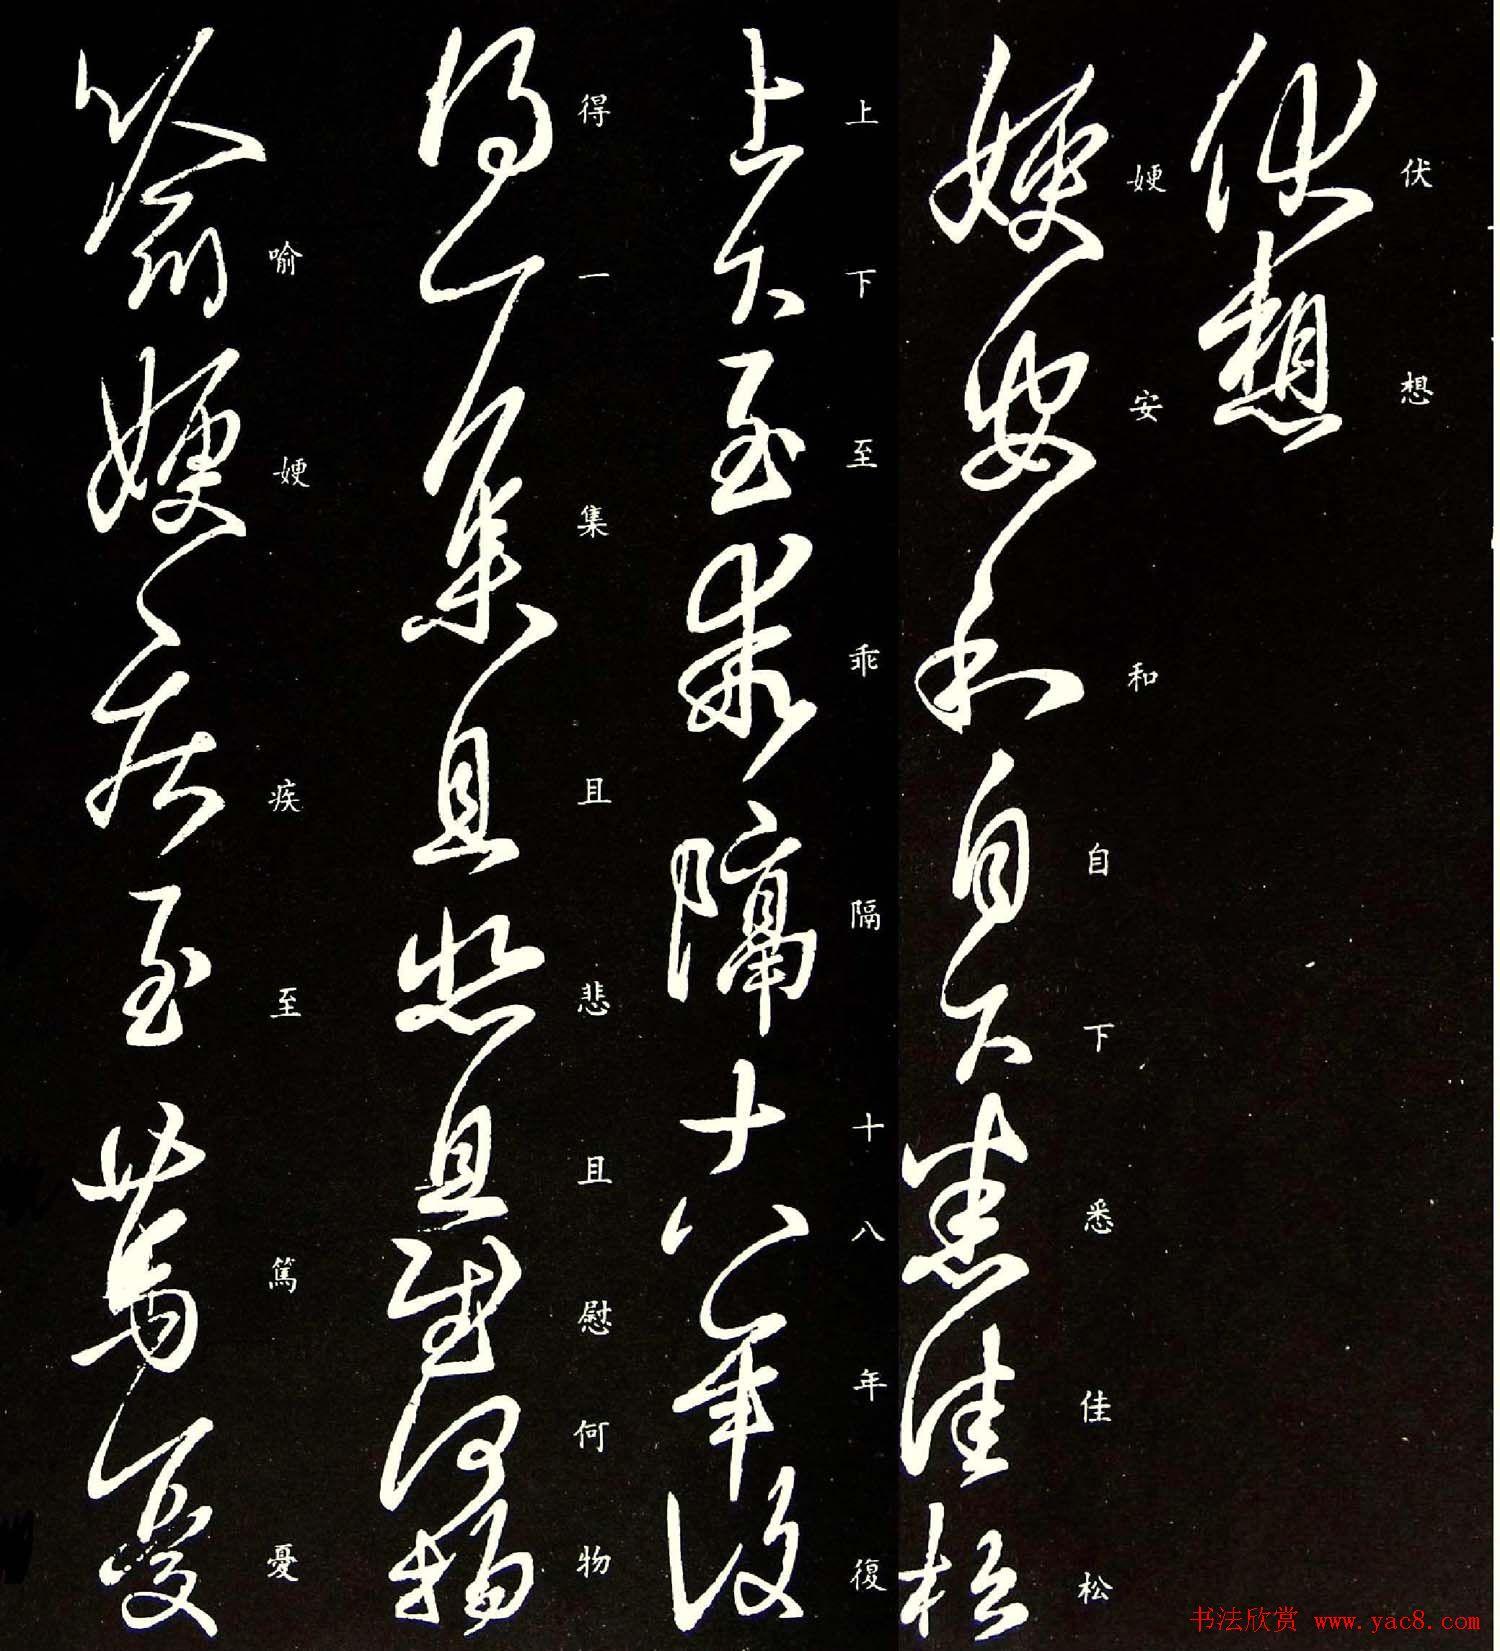 王羲之草书作品欣赏《嫂安和帖》